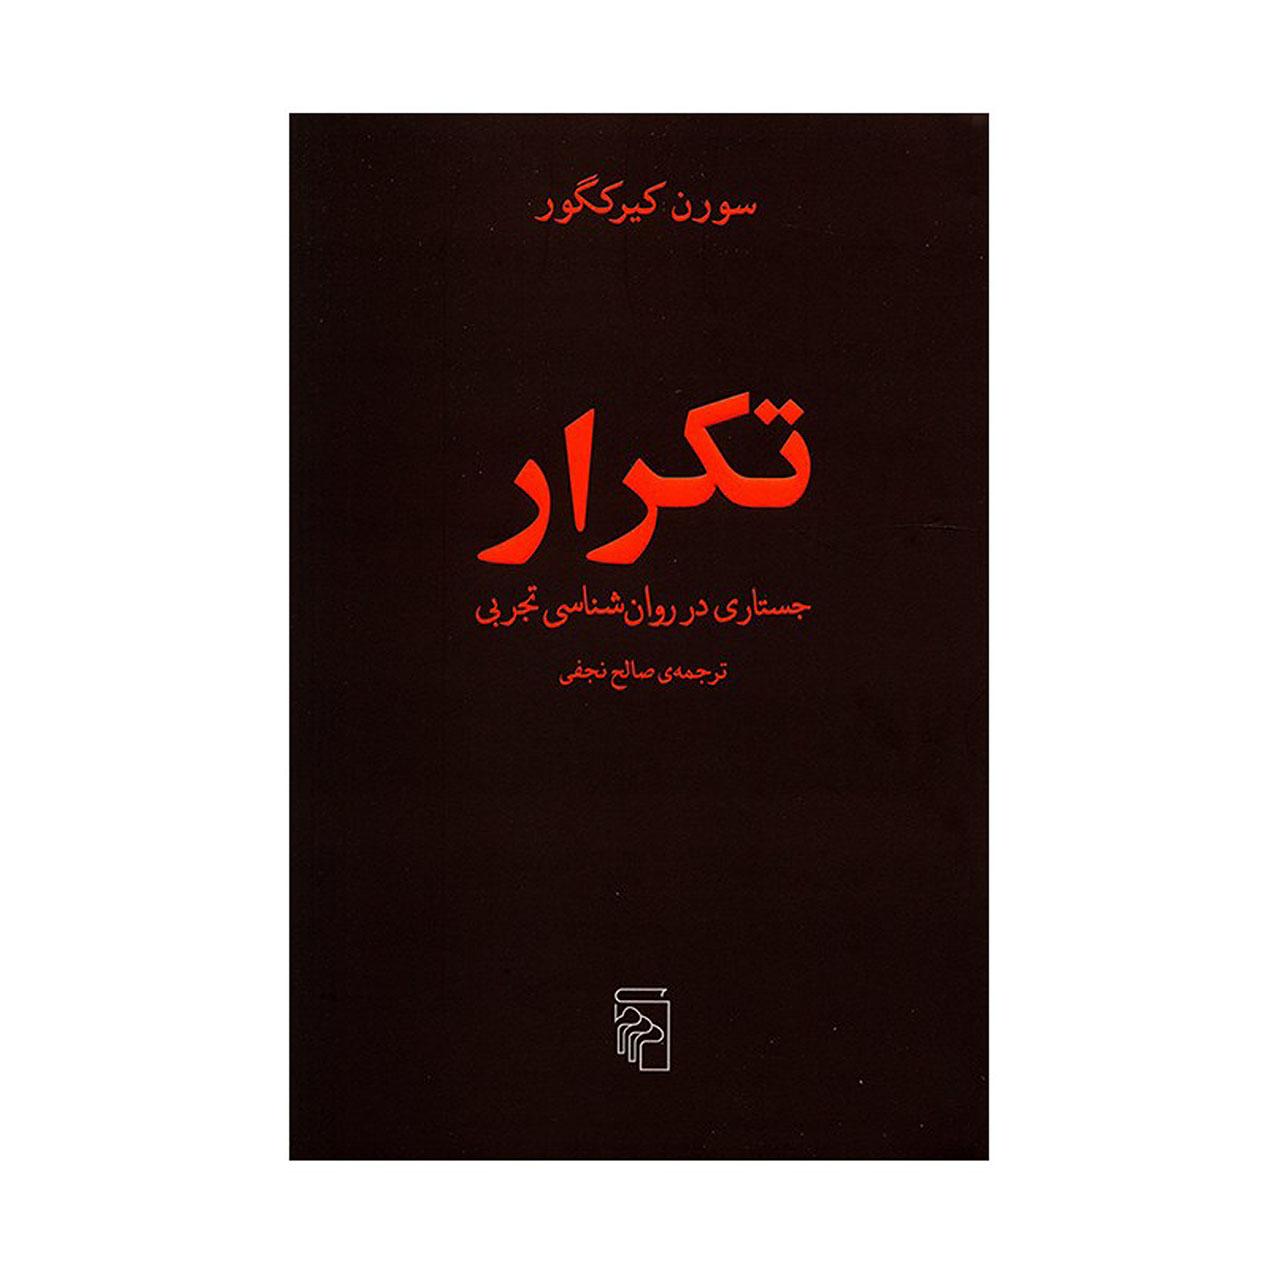 خرید                      کتاب تکرار جستاری در روان شناسی تجربی اثر سورن کیرکگورنشر مرکز